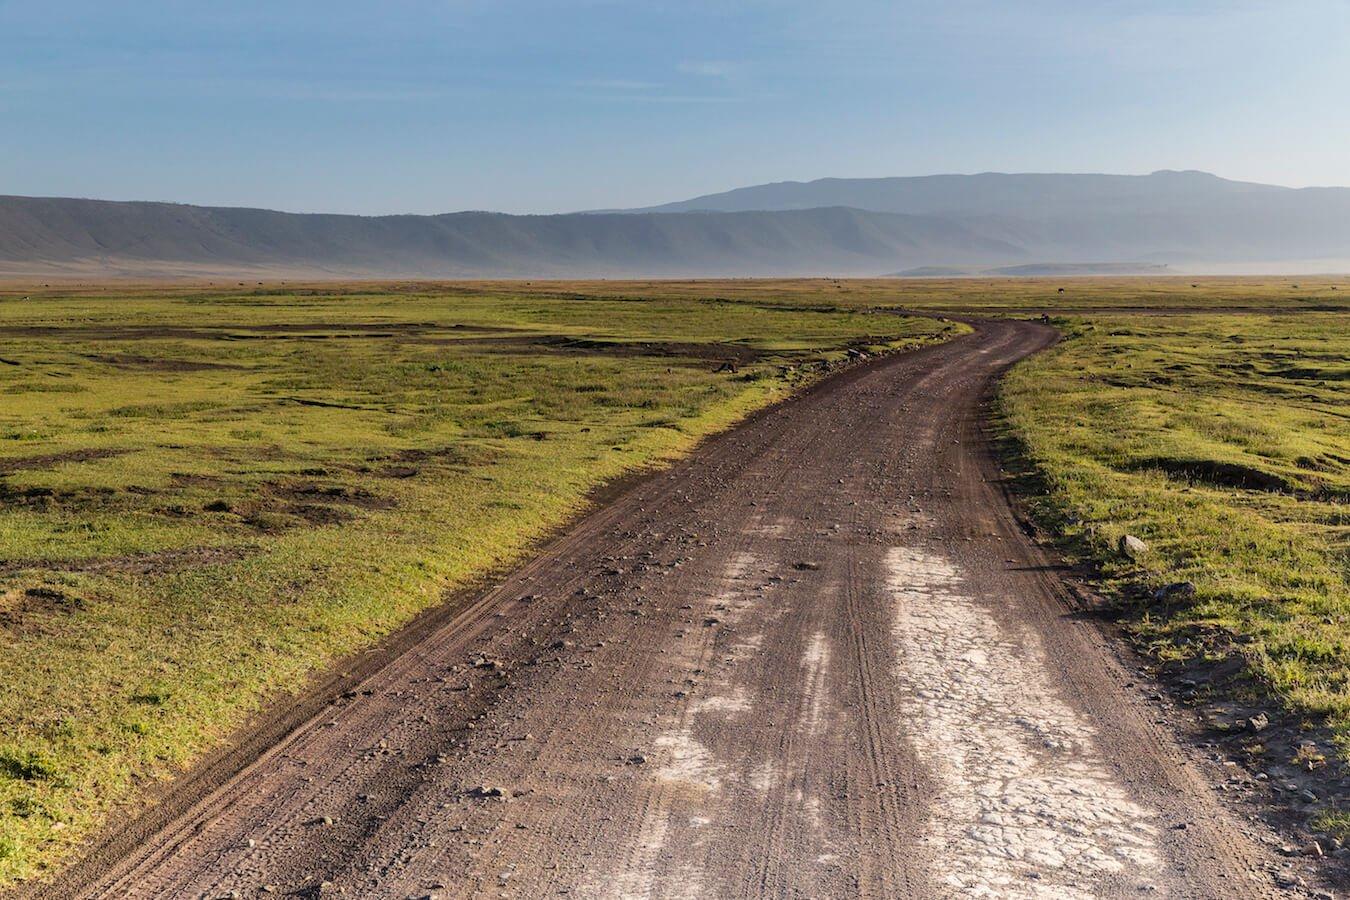 comment choisir son matériel pour un safari photo